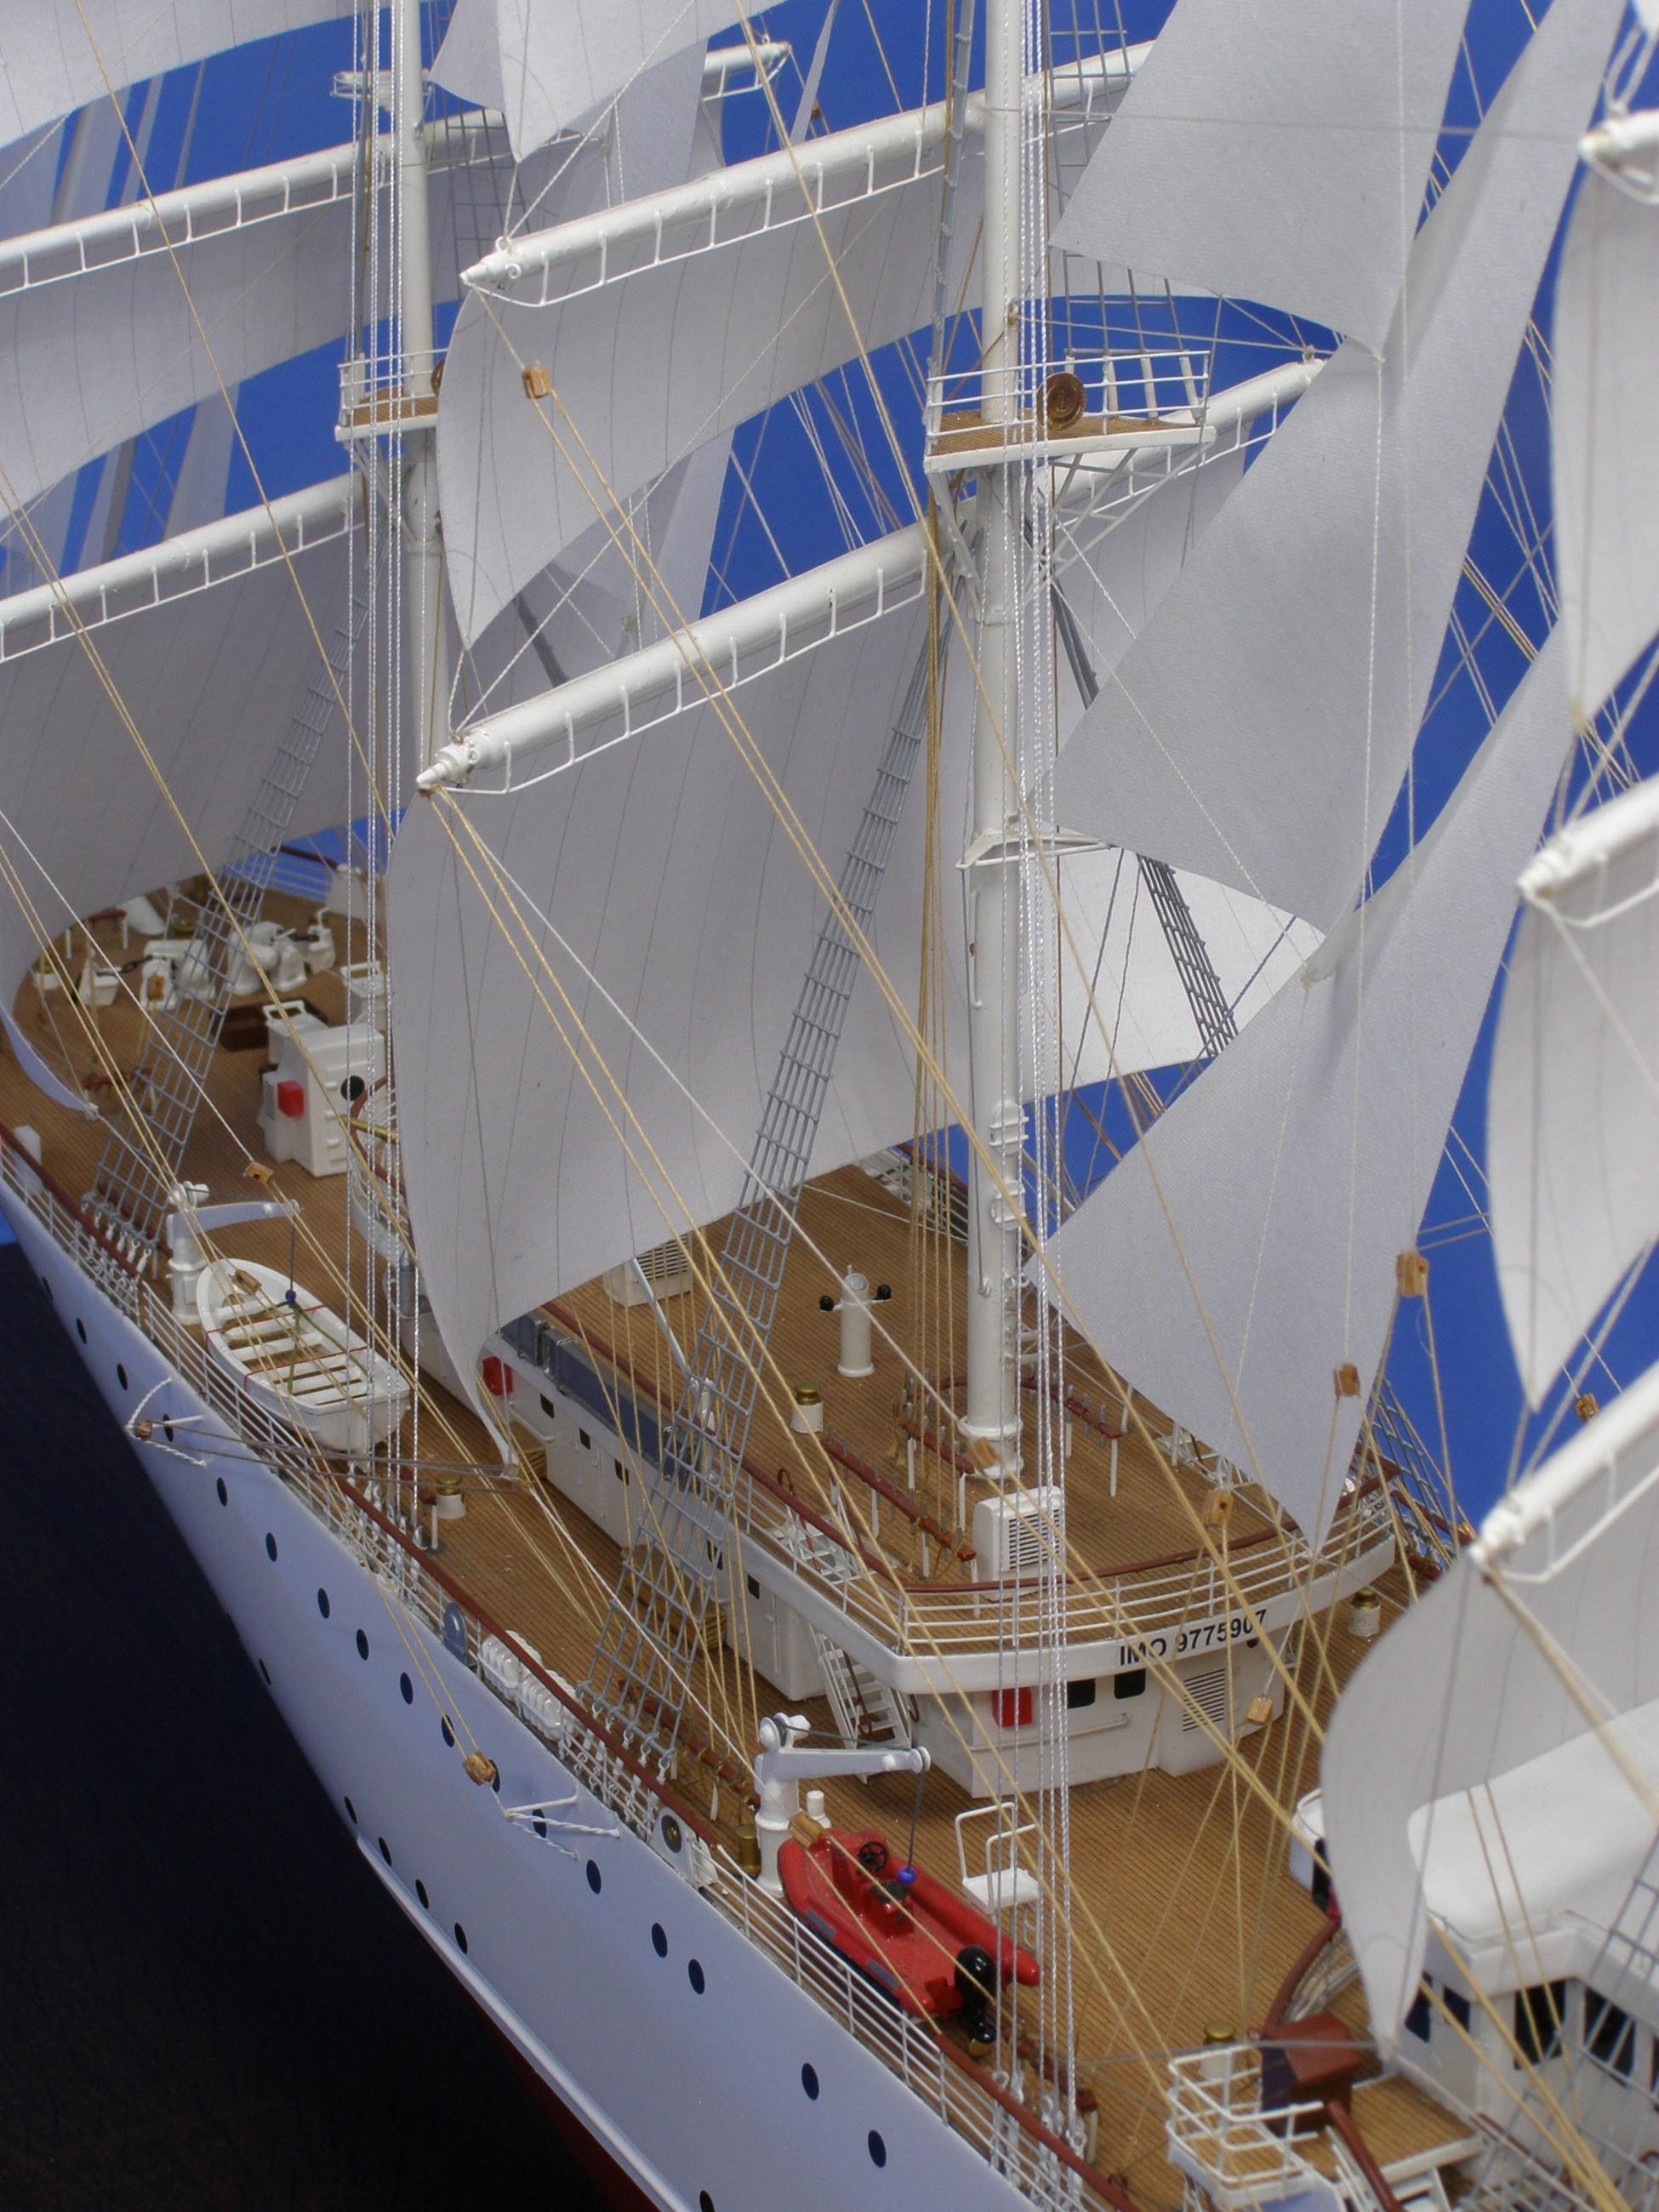 صور السفينة الشراعية الجزائرية  [ الملاح 938 ] - صفحة 11 42307938924_ef28ab665b_o